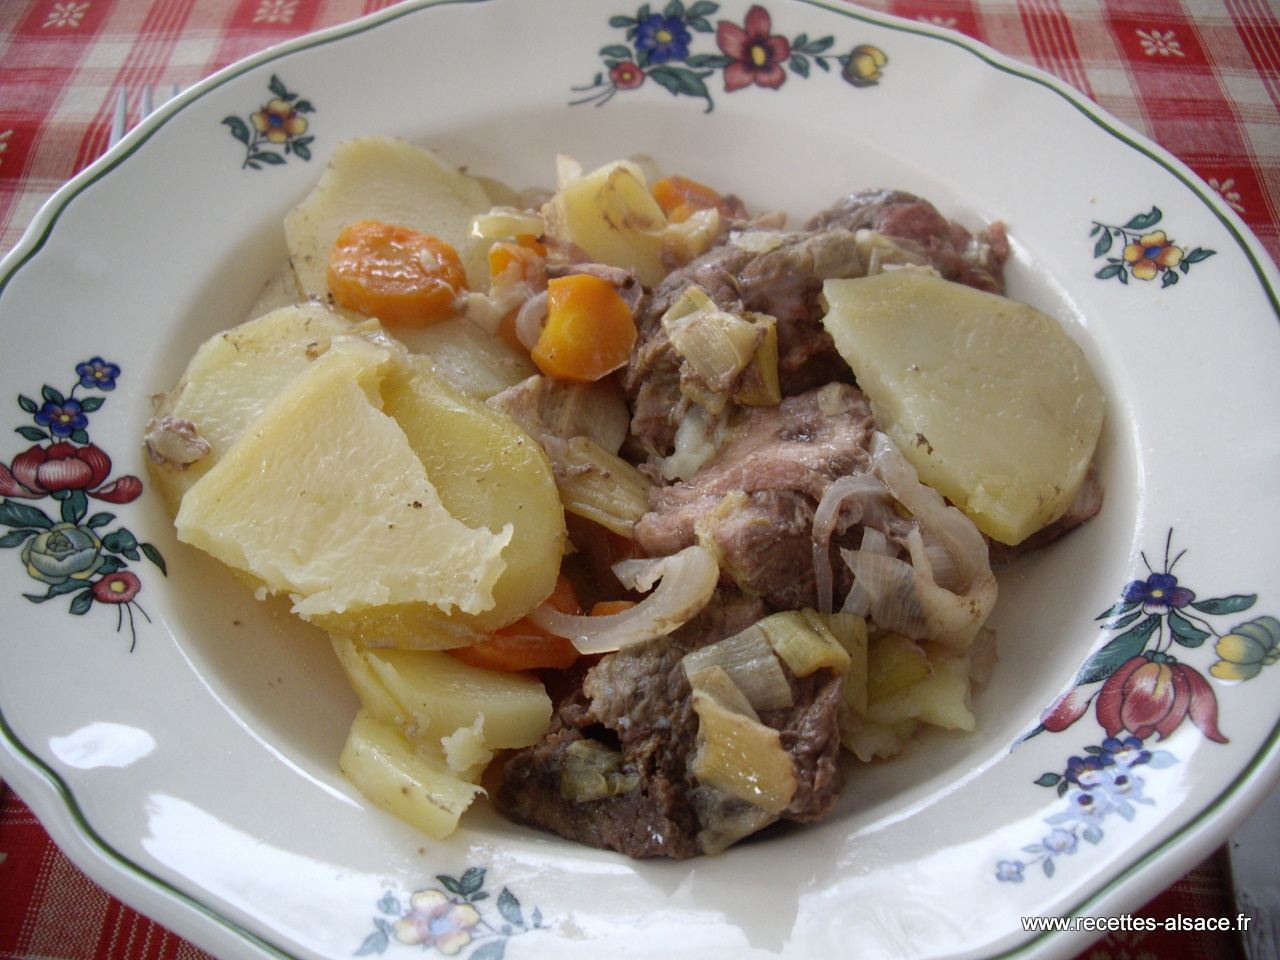 Baeckeoffe recettes d 39 alsace - Recettes cuisine alsacienne traditionnelle ...